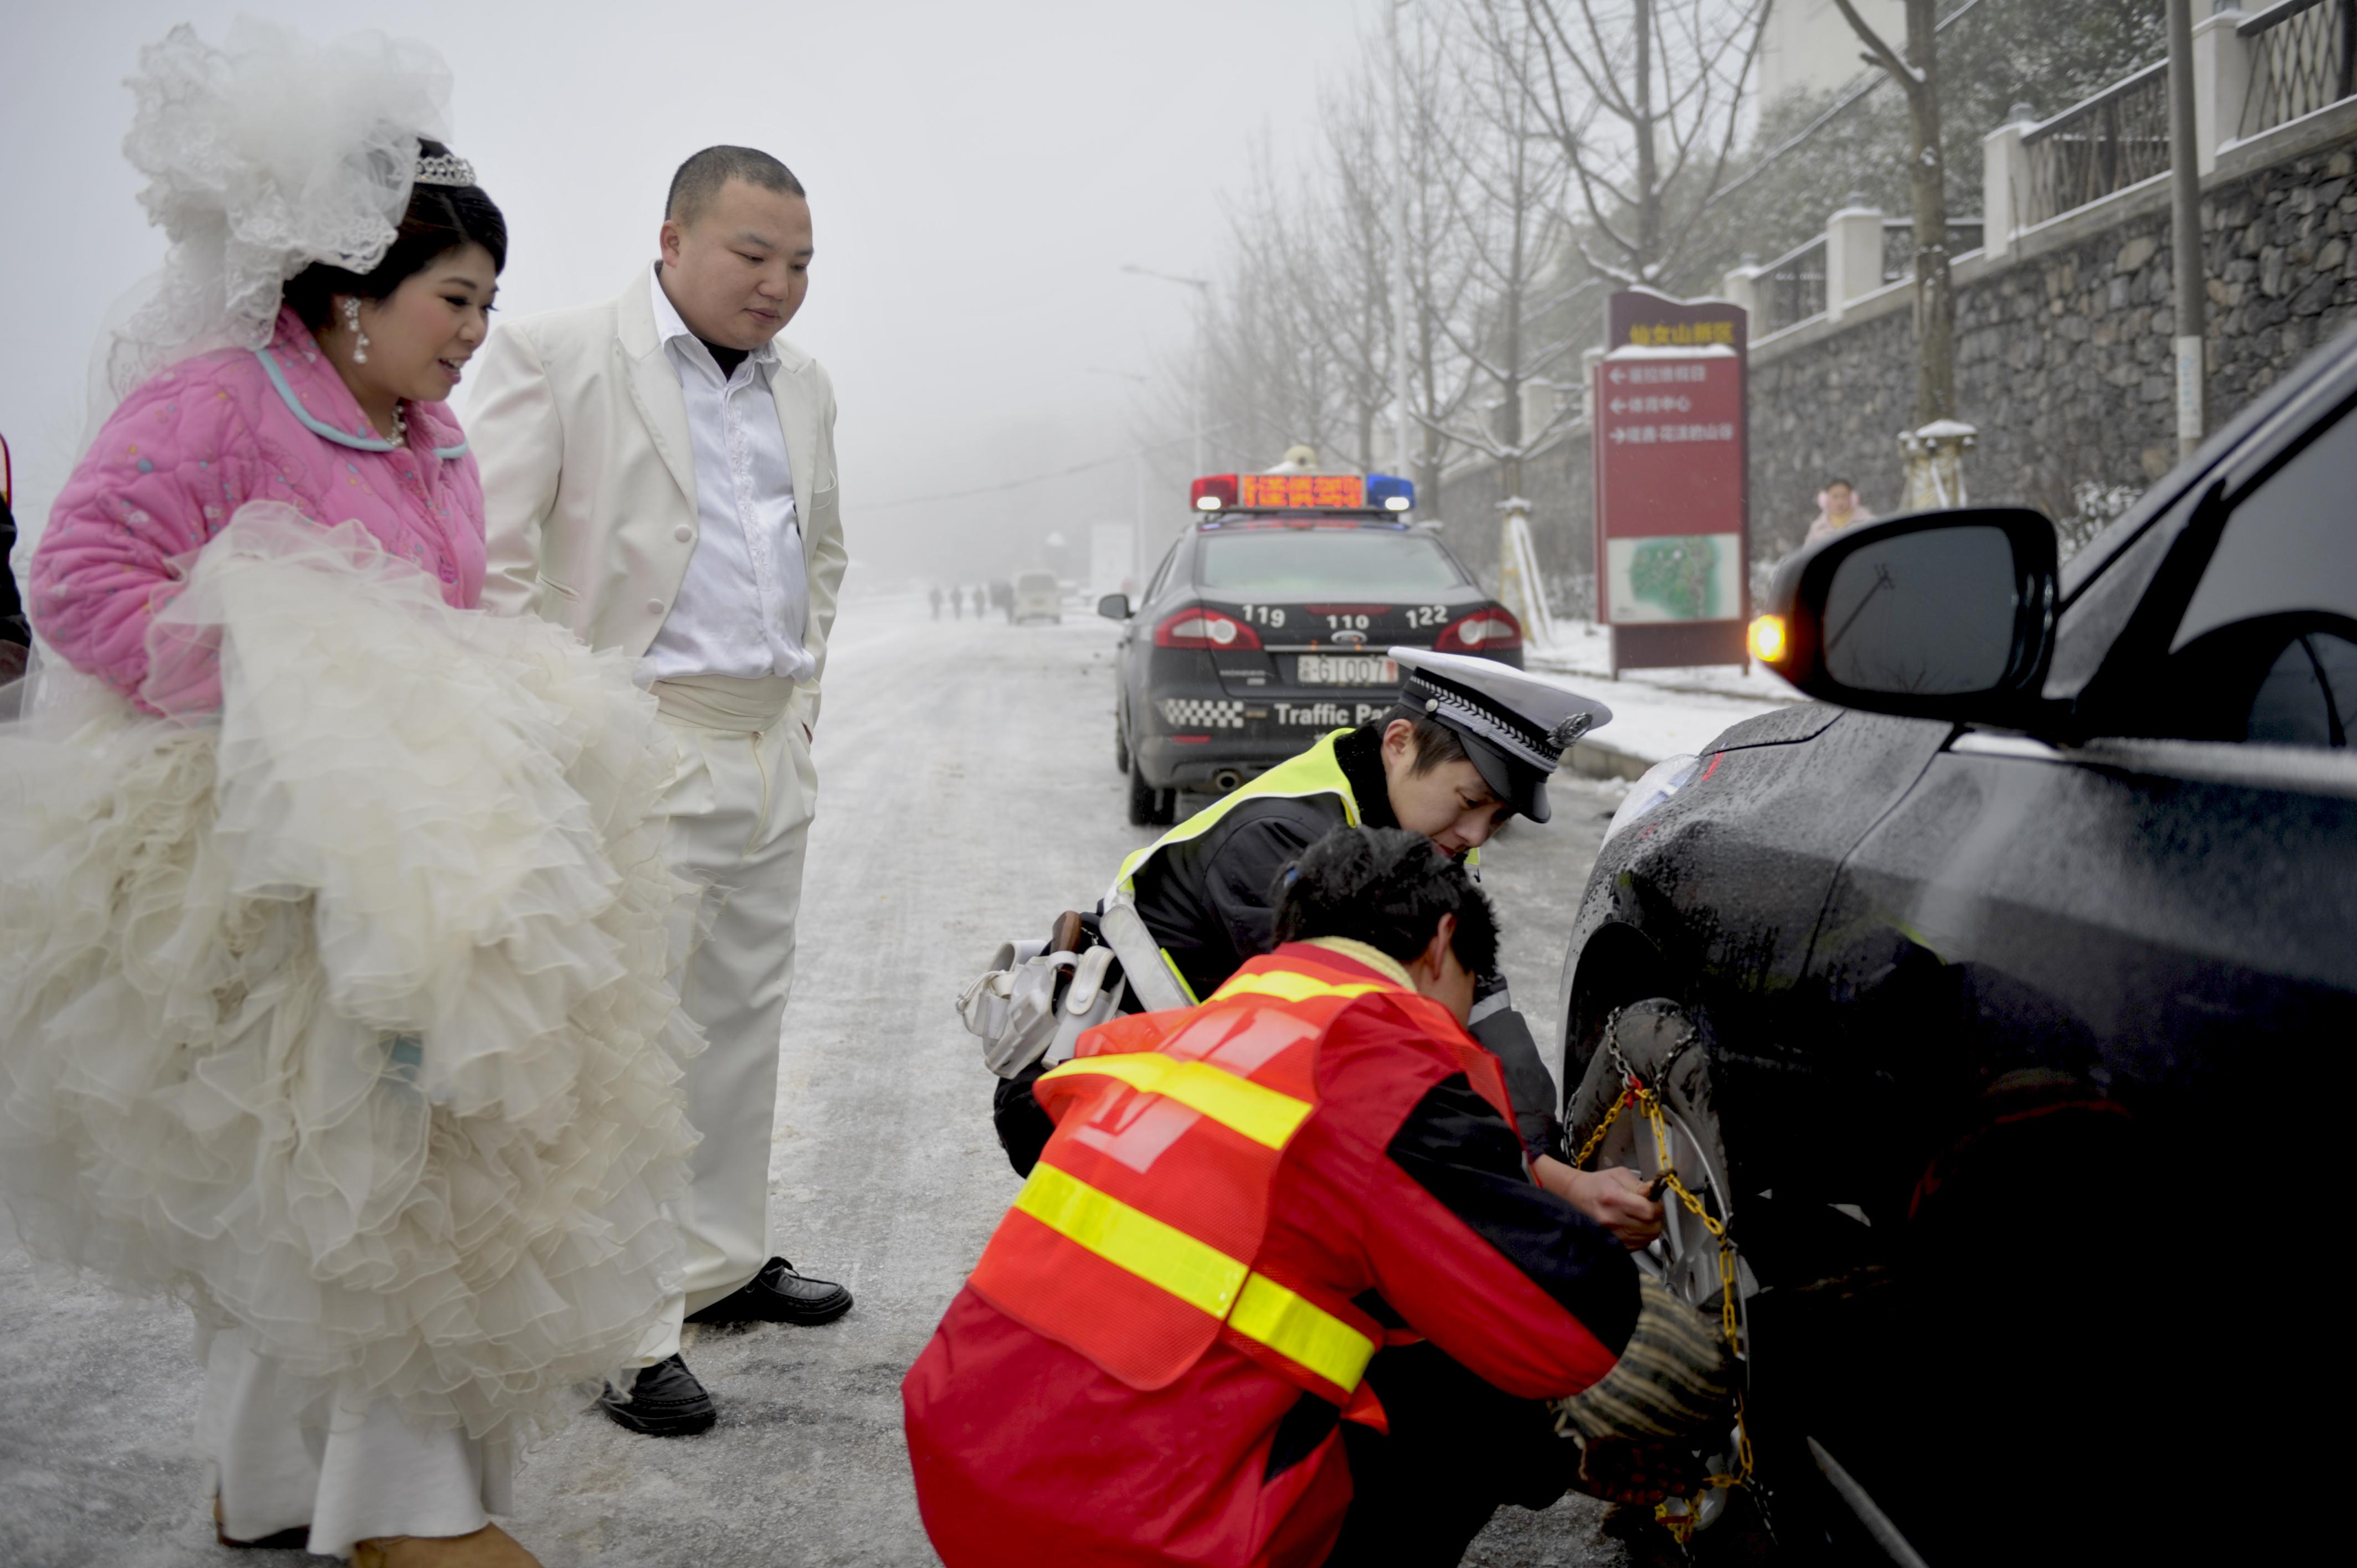 新婚路上交巡警为我们系上爱的链条 张旭东摄